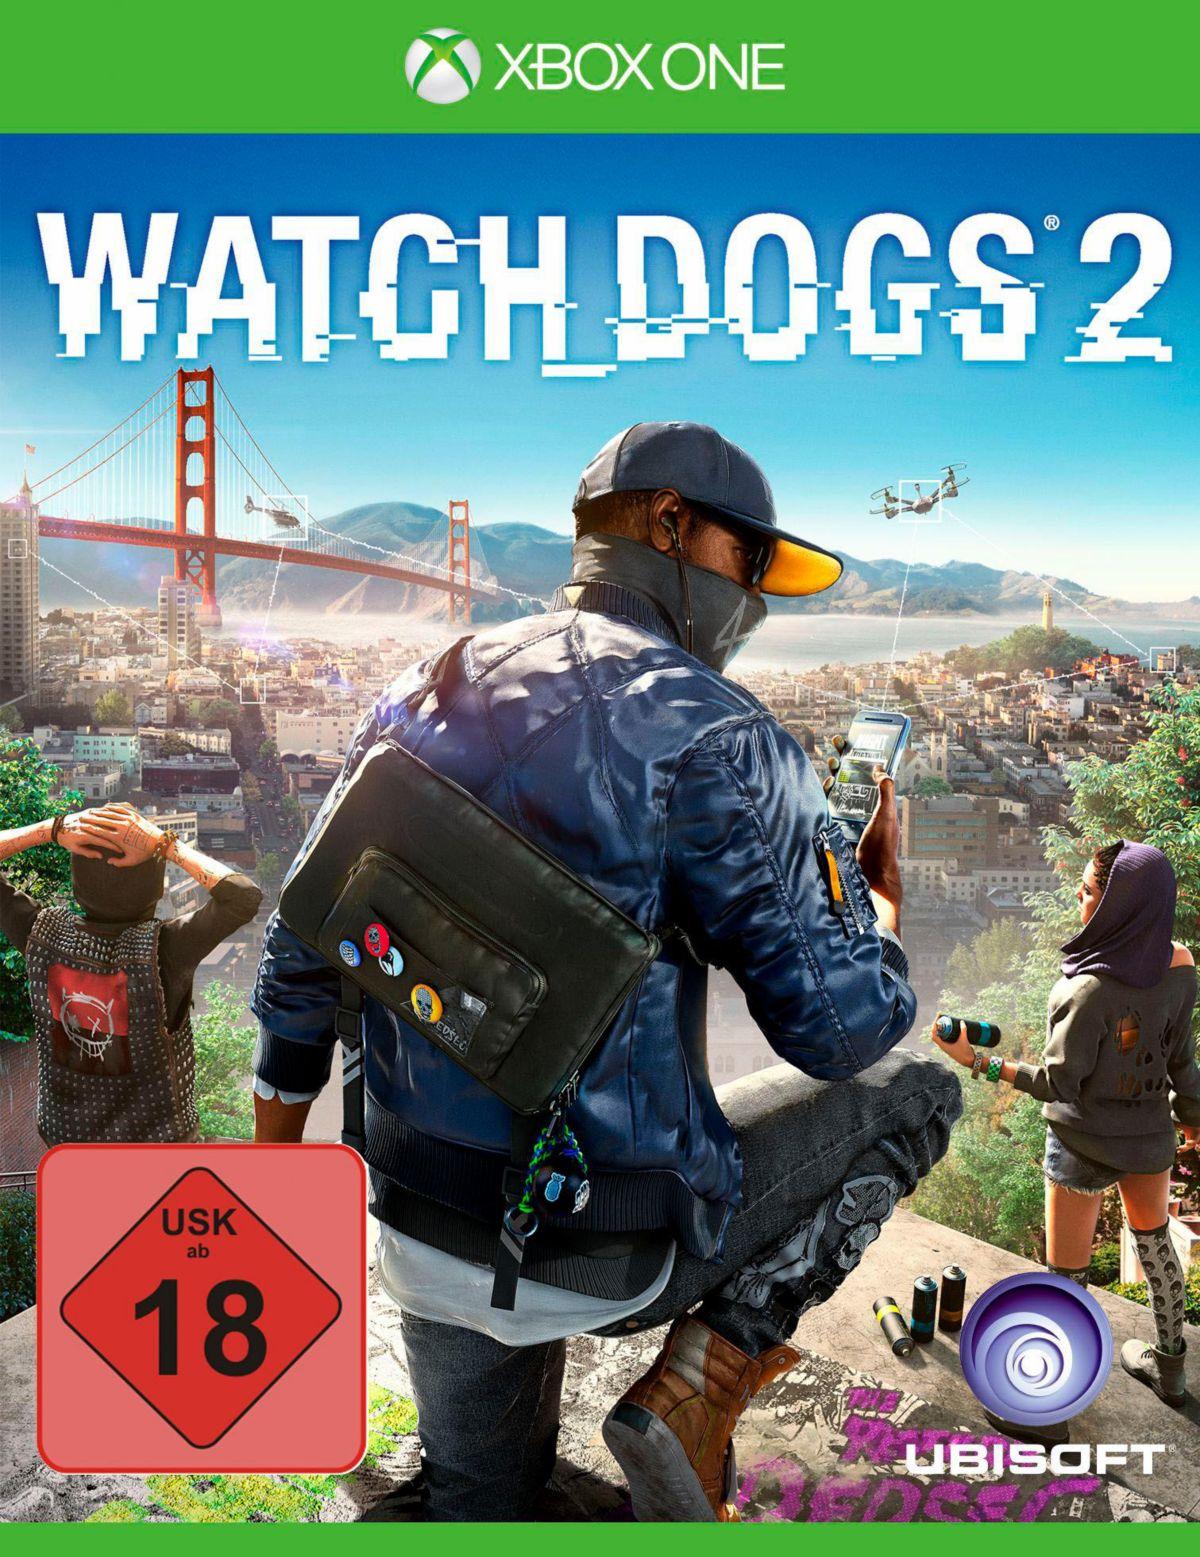 Aktuelle Angebote Kaufroboter Die Discounter Suchmaschine Razer Wildcat Gaming Controller For Xbox One Rz06 01390100 R3m1 Watch Dogs 2